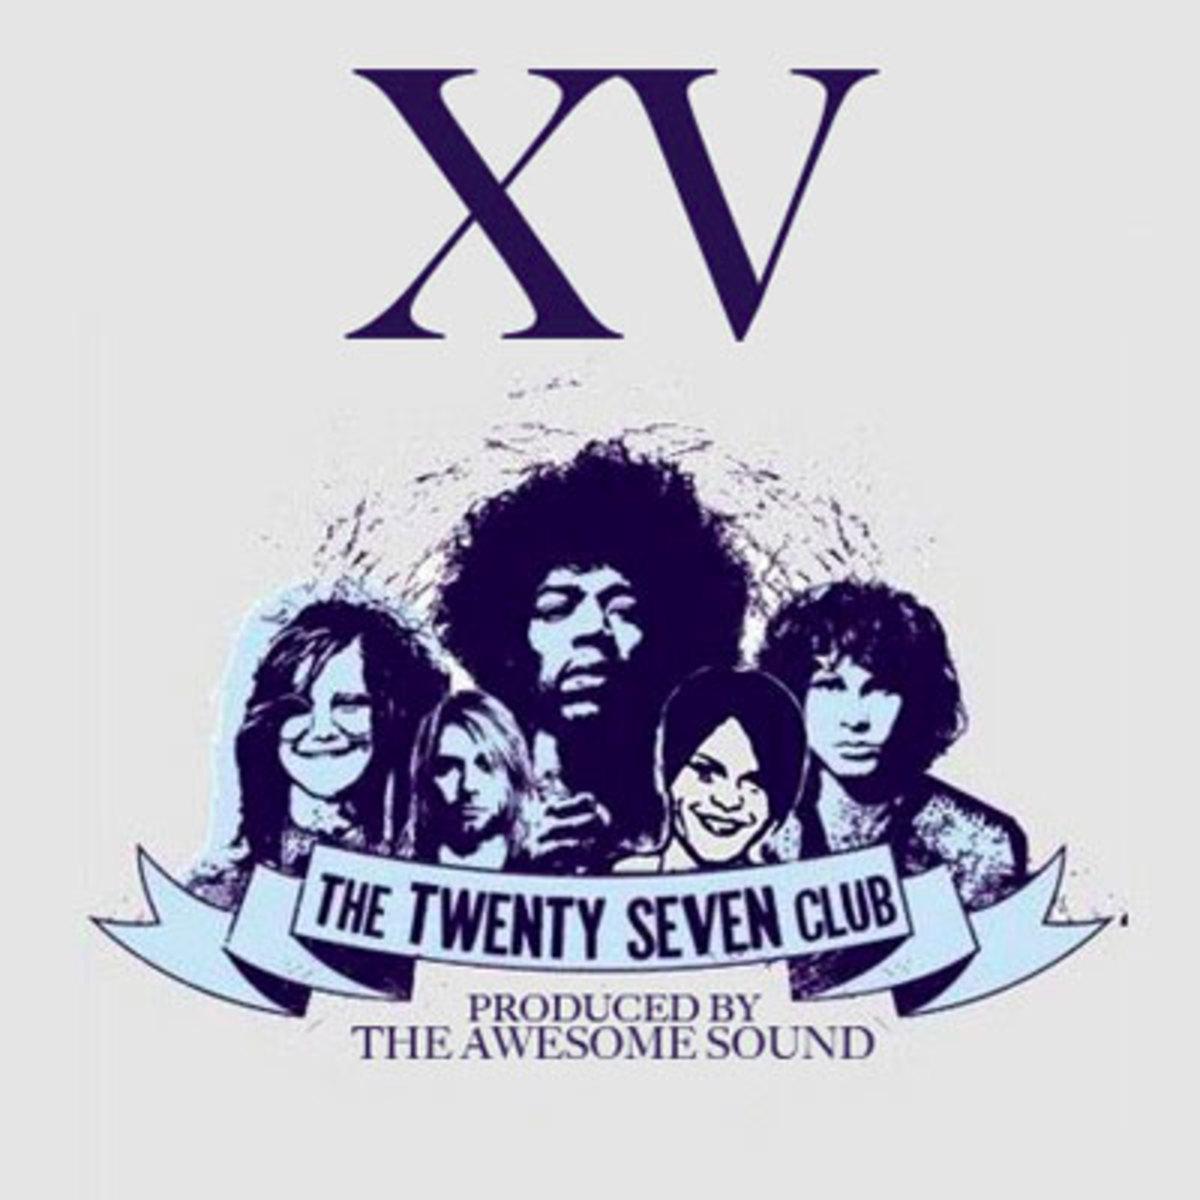 xv-27club.jpg